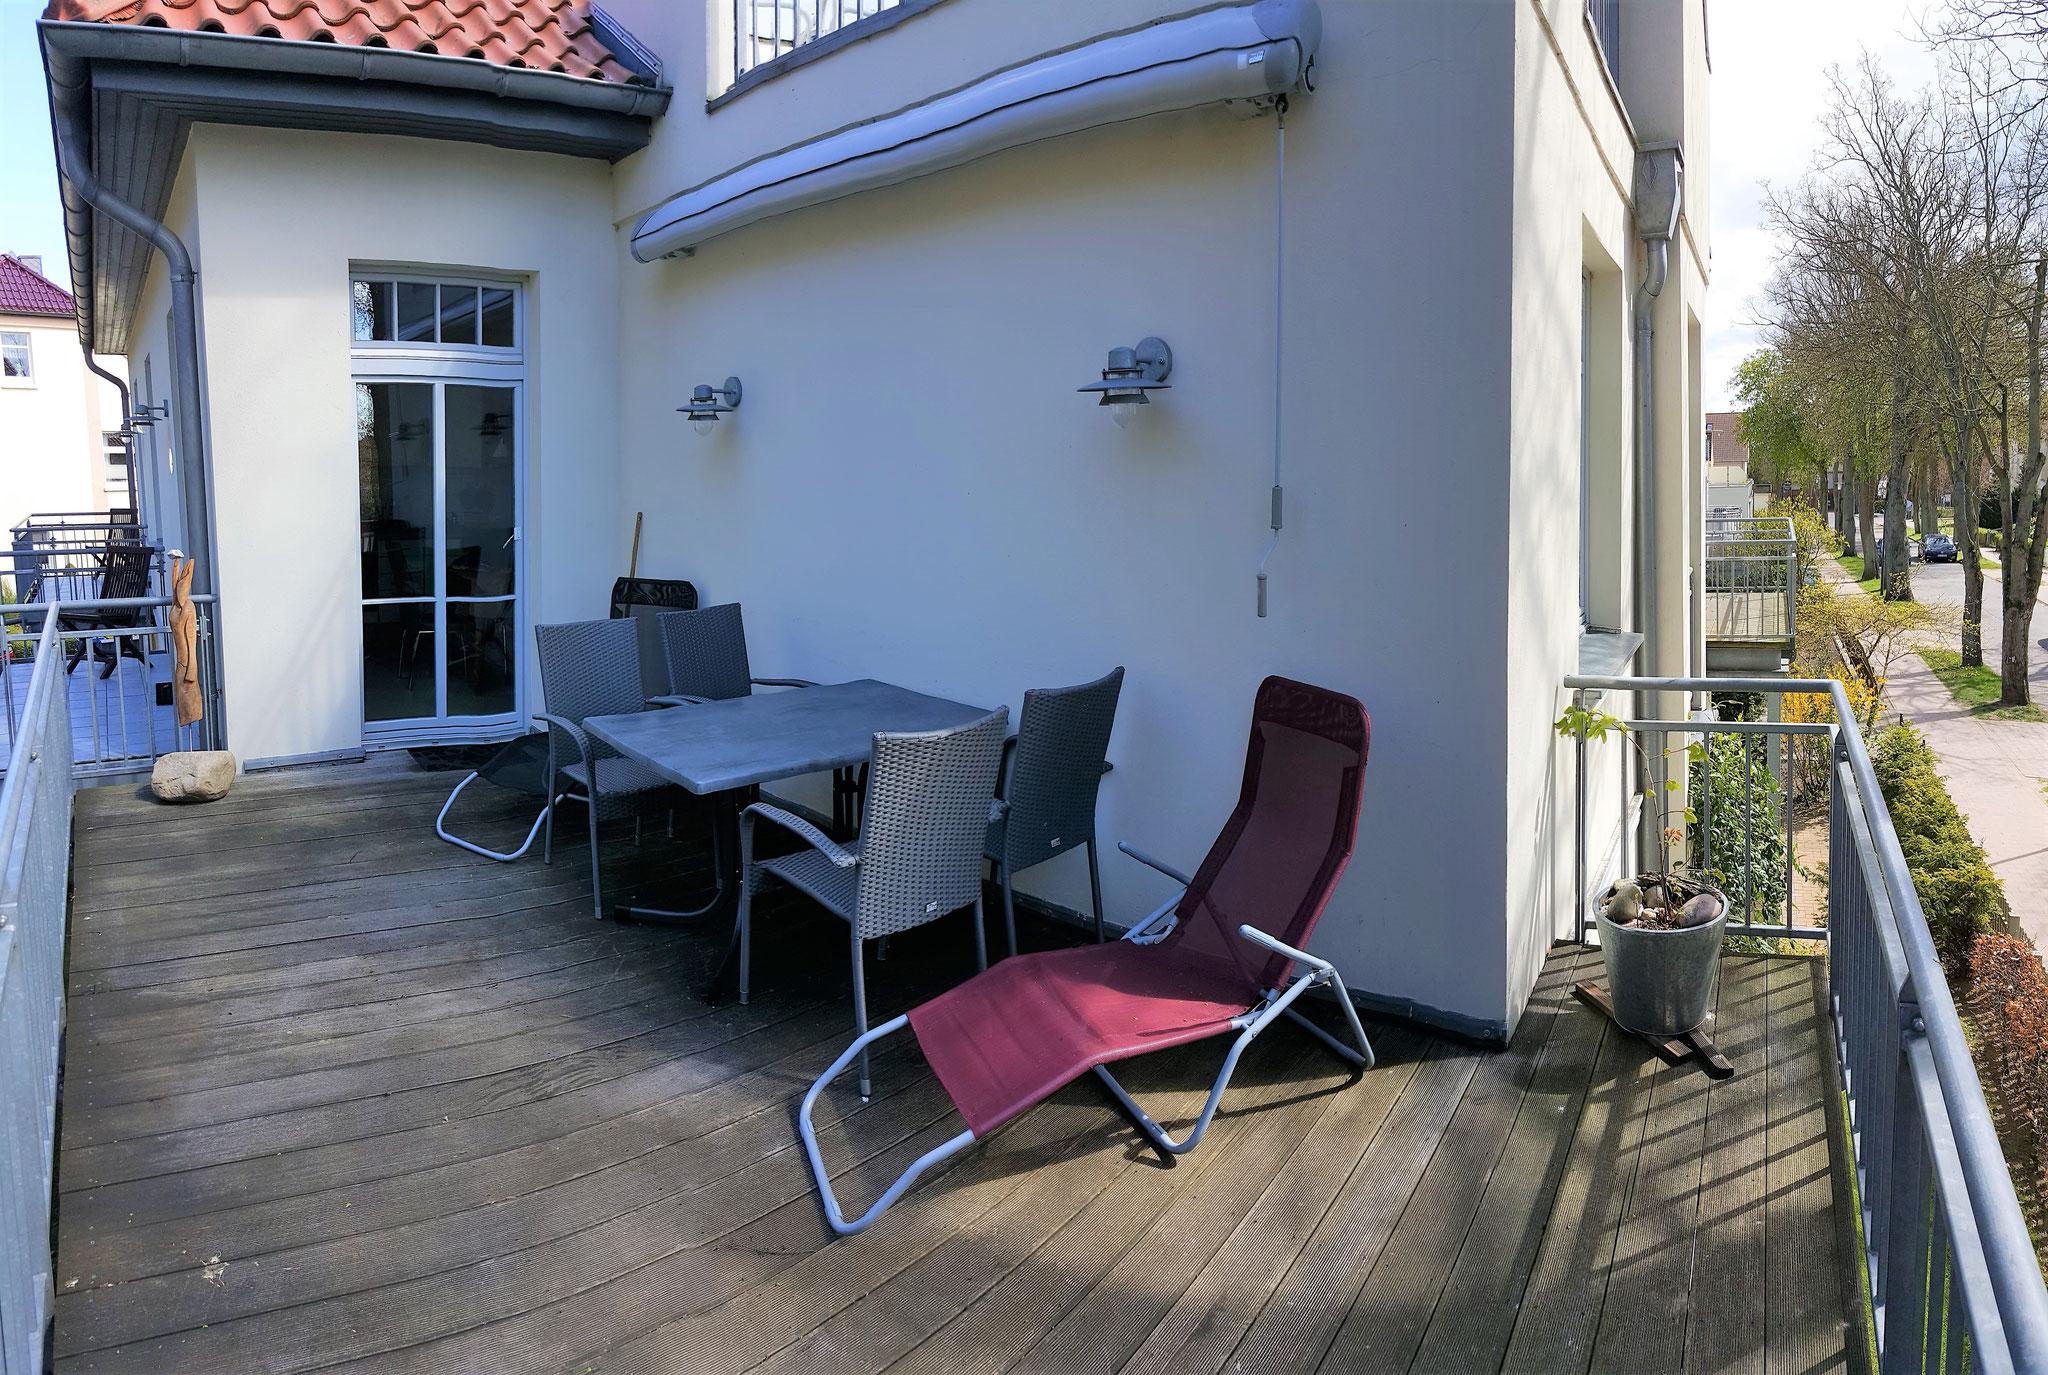 der große Balkon (Zugang von der Küche aus) mit Tisch, Stühlen, 2 Liegen, Markise ...